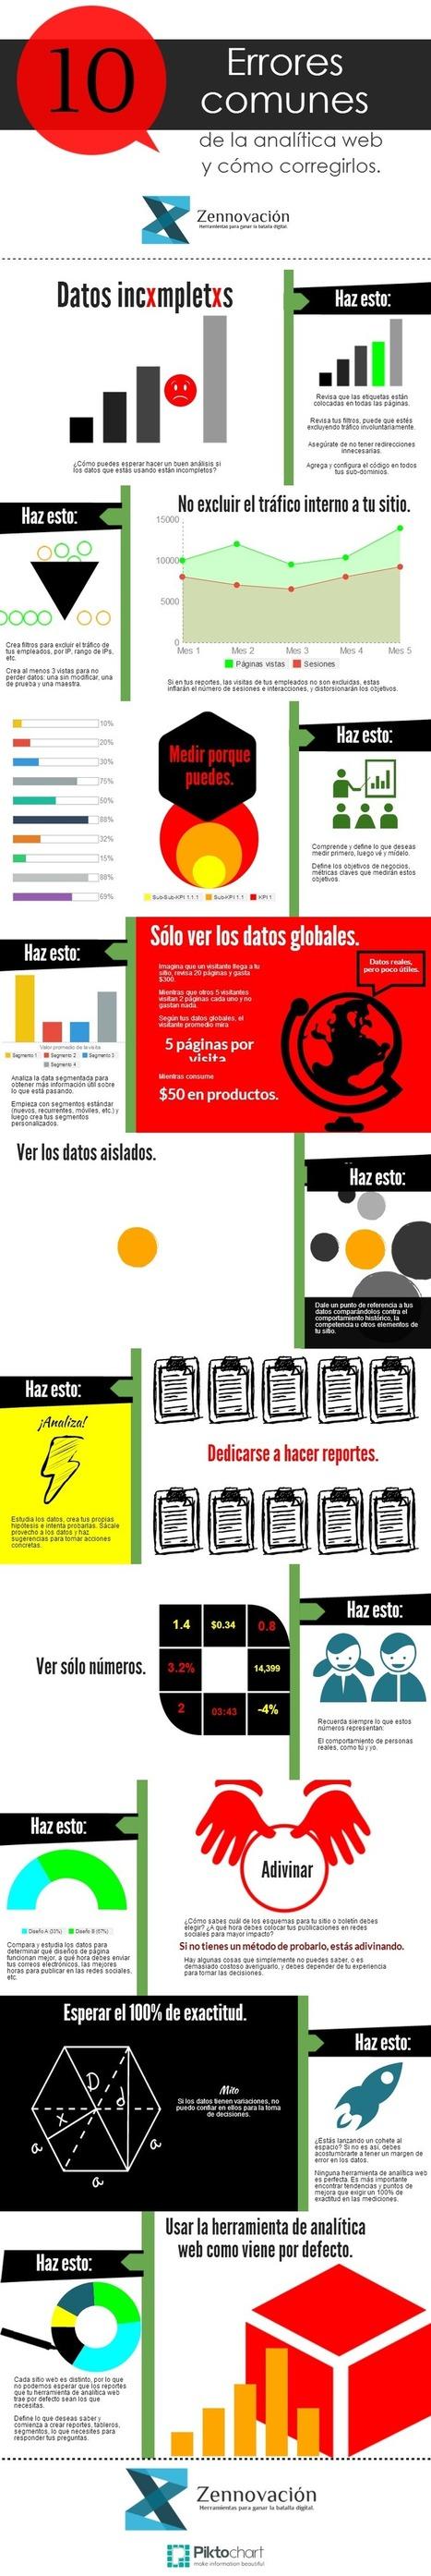 10 errores en analítica web (y cómo solucionarlos) #infografia #infographic #marketing | Community Manager | Scoop.it